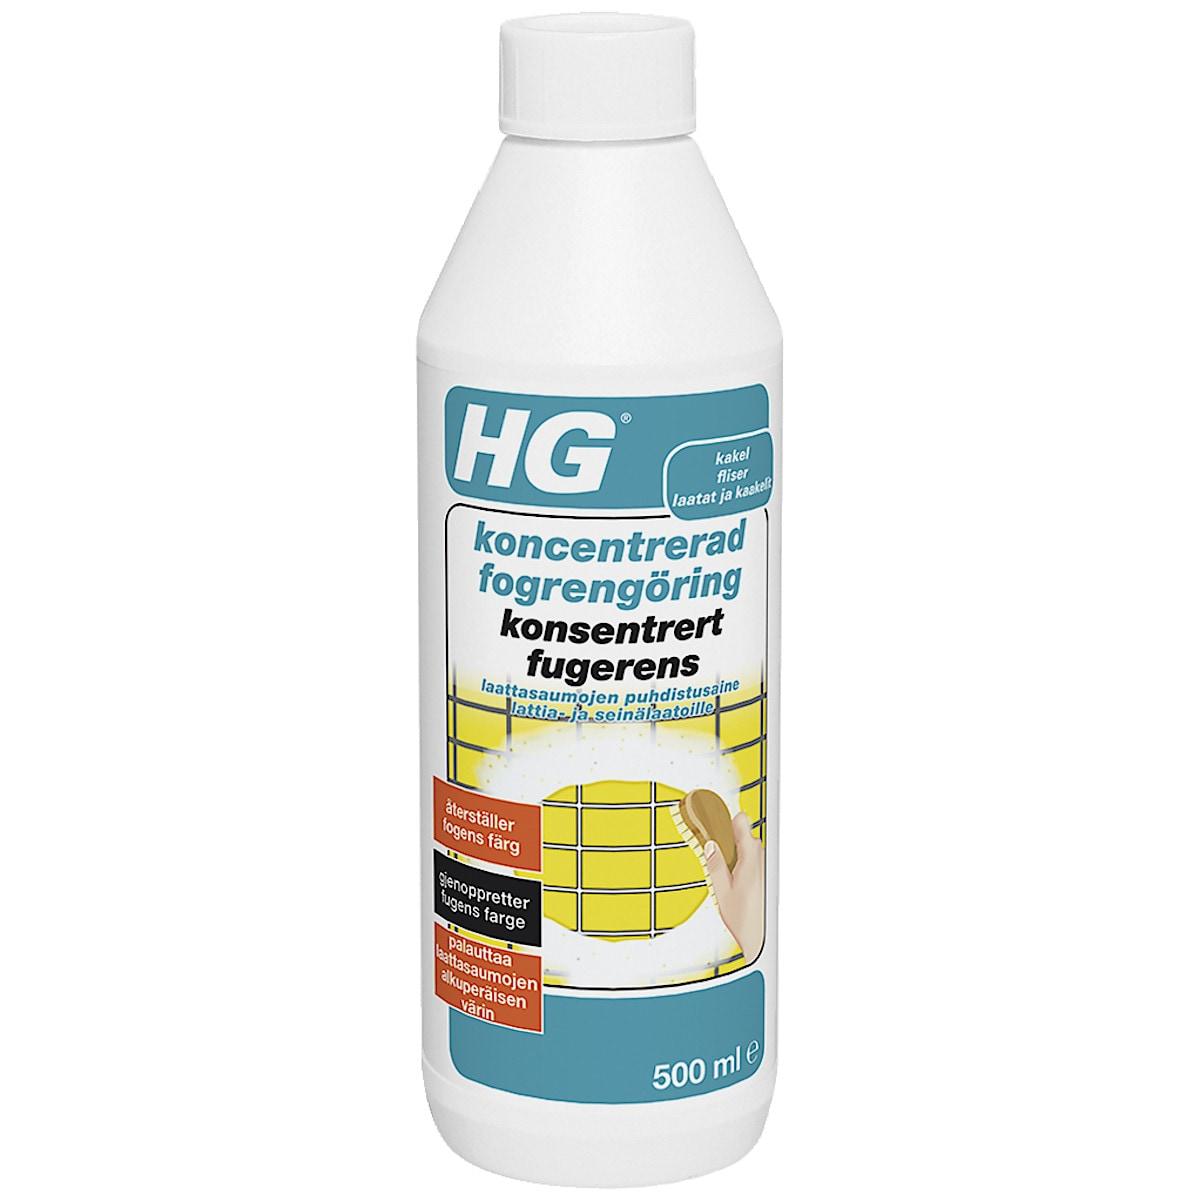 Fogrengöring HG